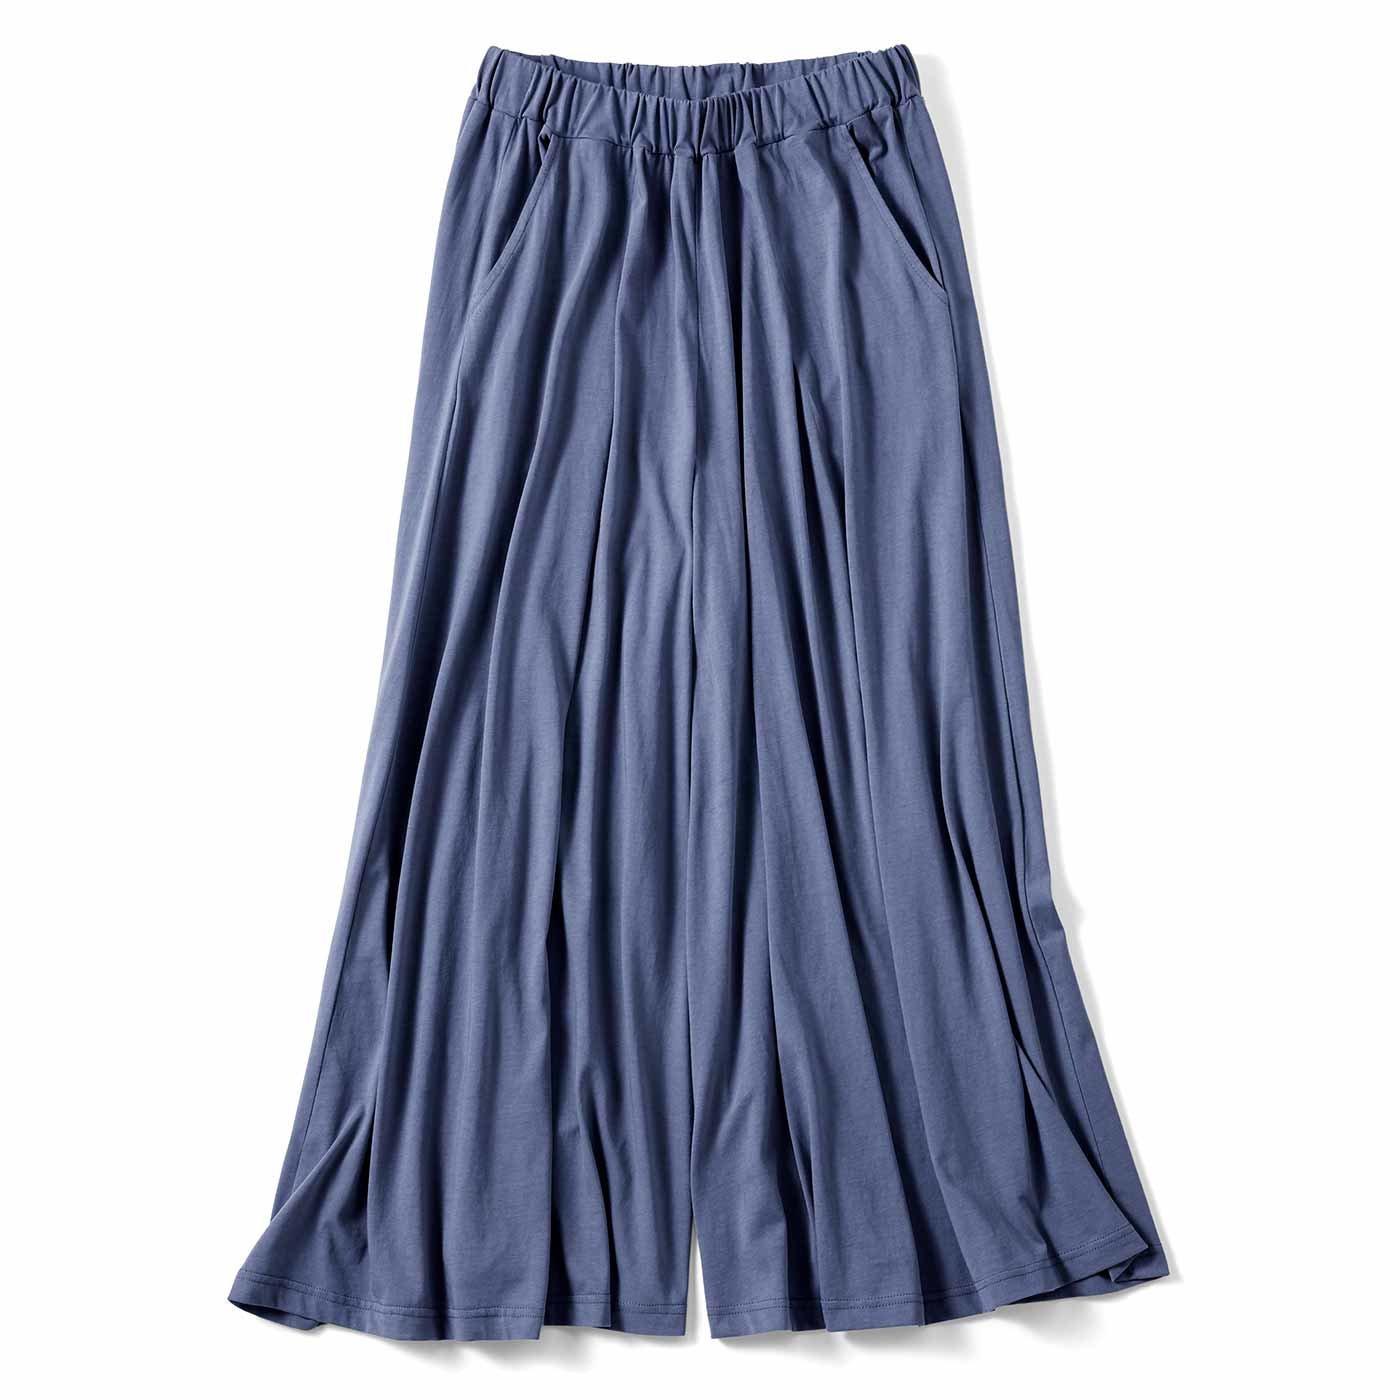 リブ イン コンフォート やわらかカットソー素材のスカート見えガウチョの会(3回エントリー)